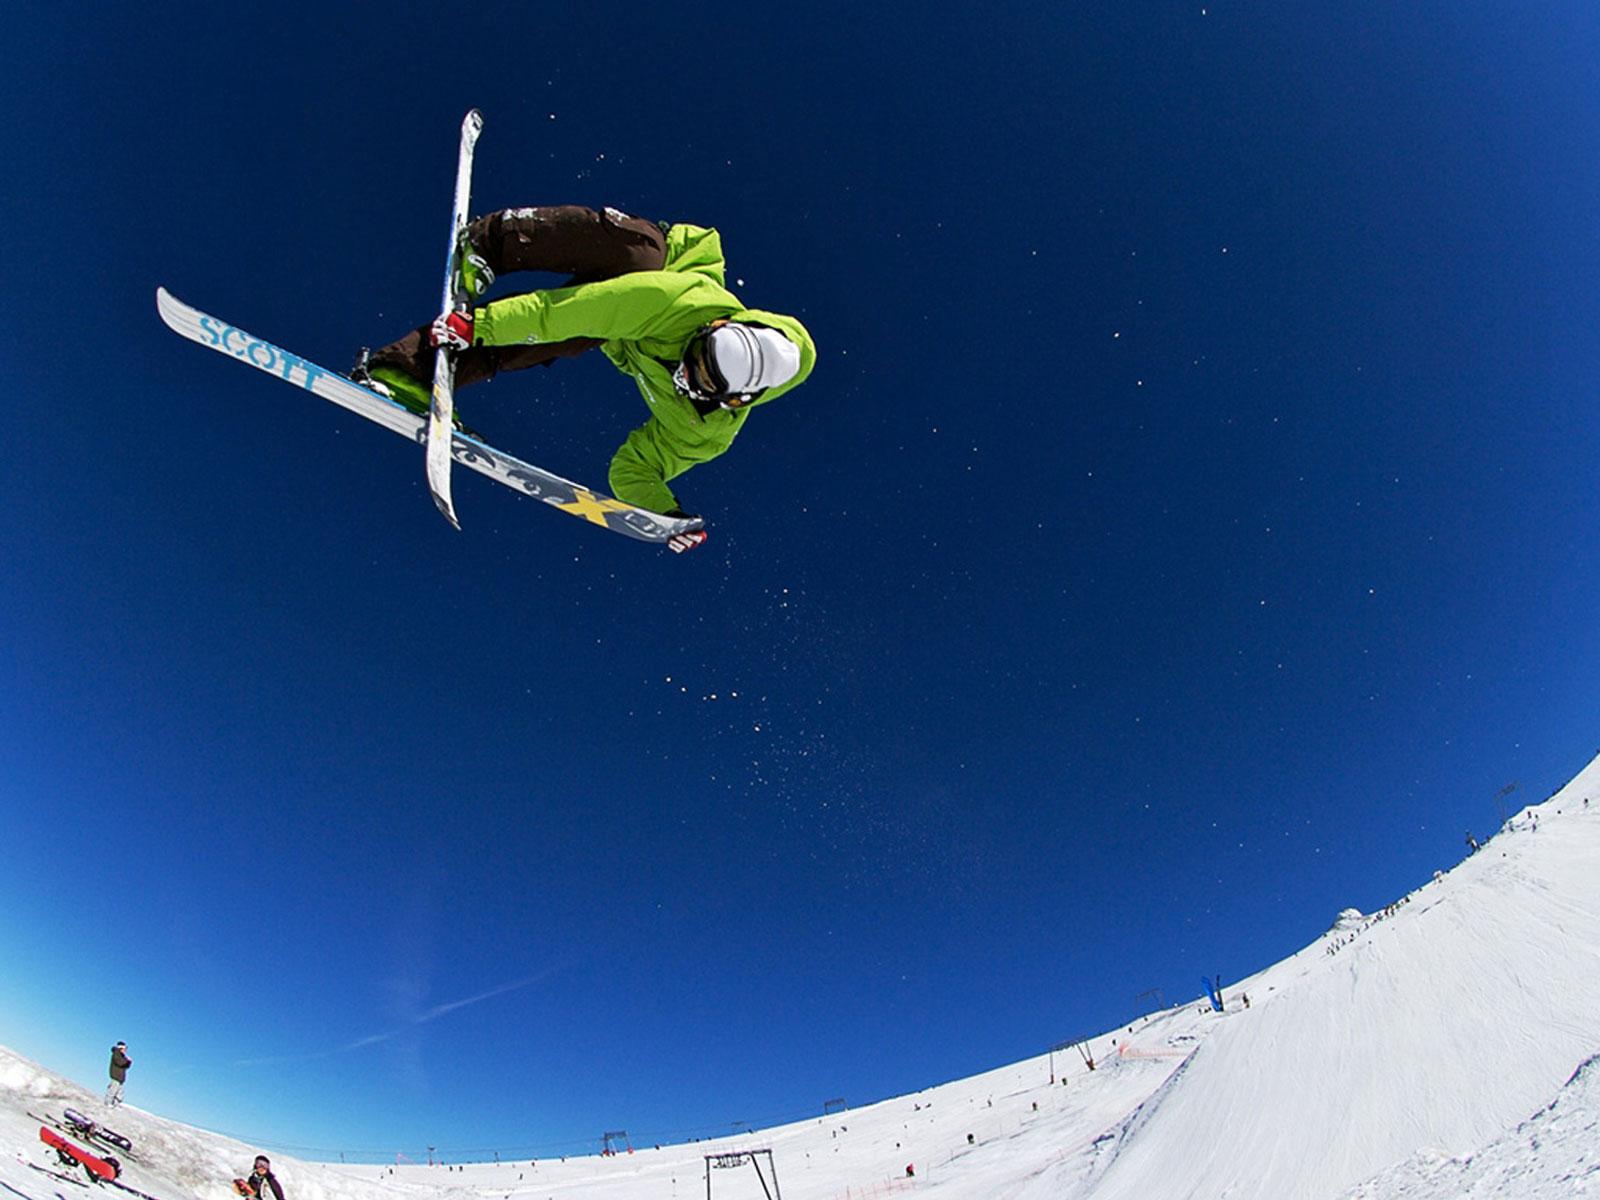 Лыжник прыжок горы небо  № 3308973 бесплатно